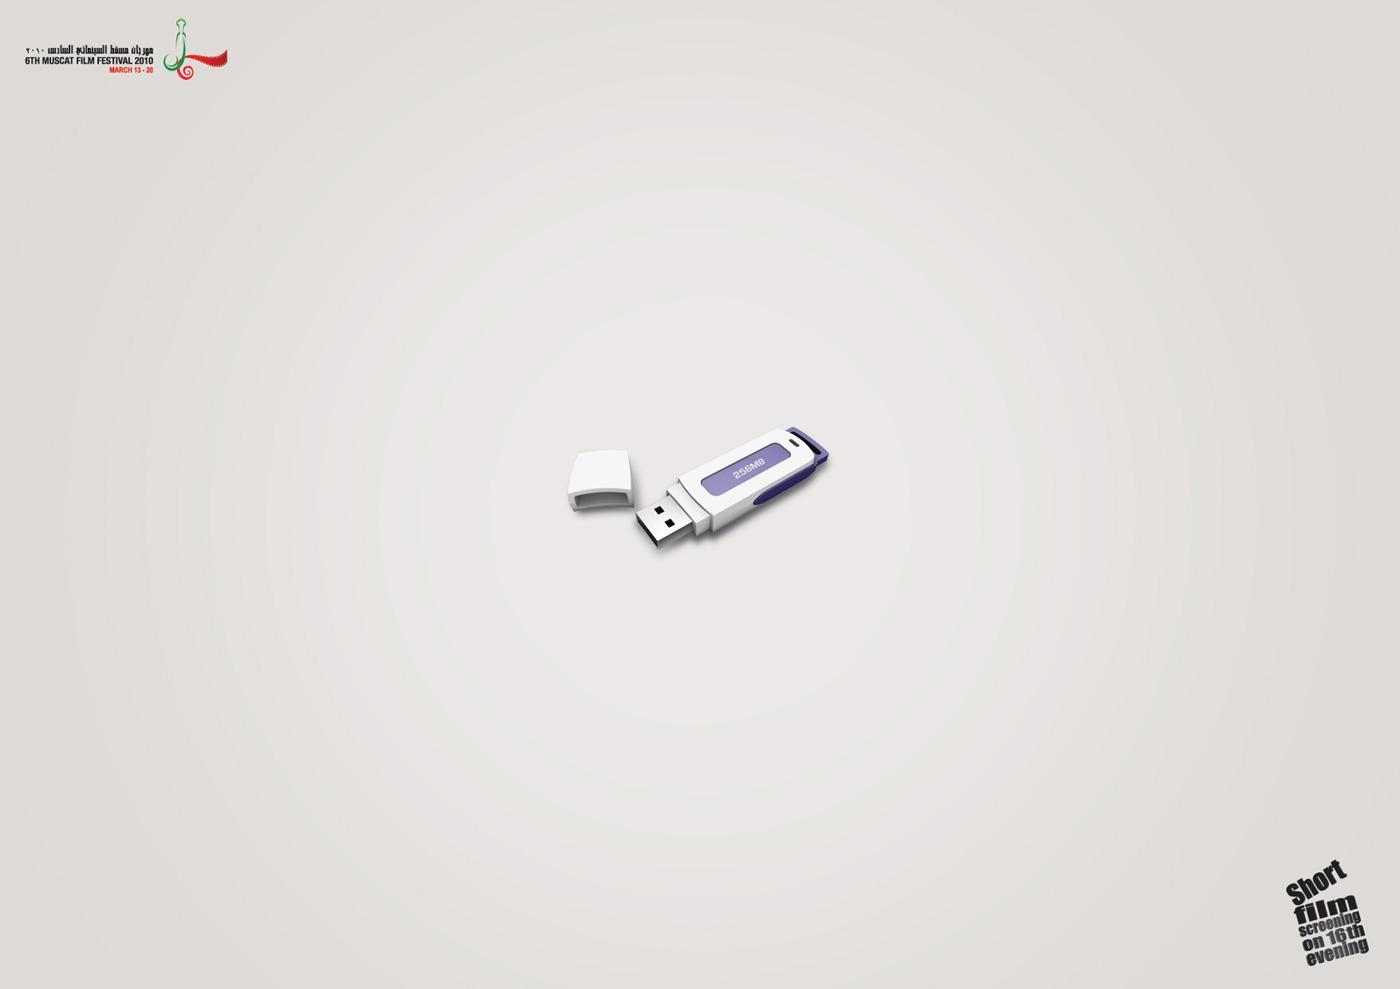 Muscat Film Festival Print Ad -  USB drive